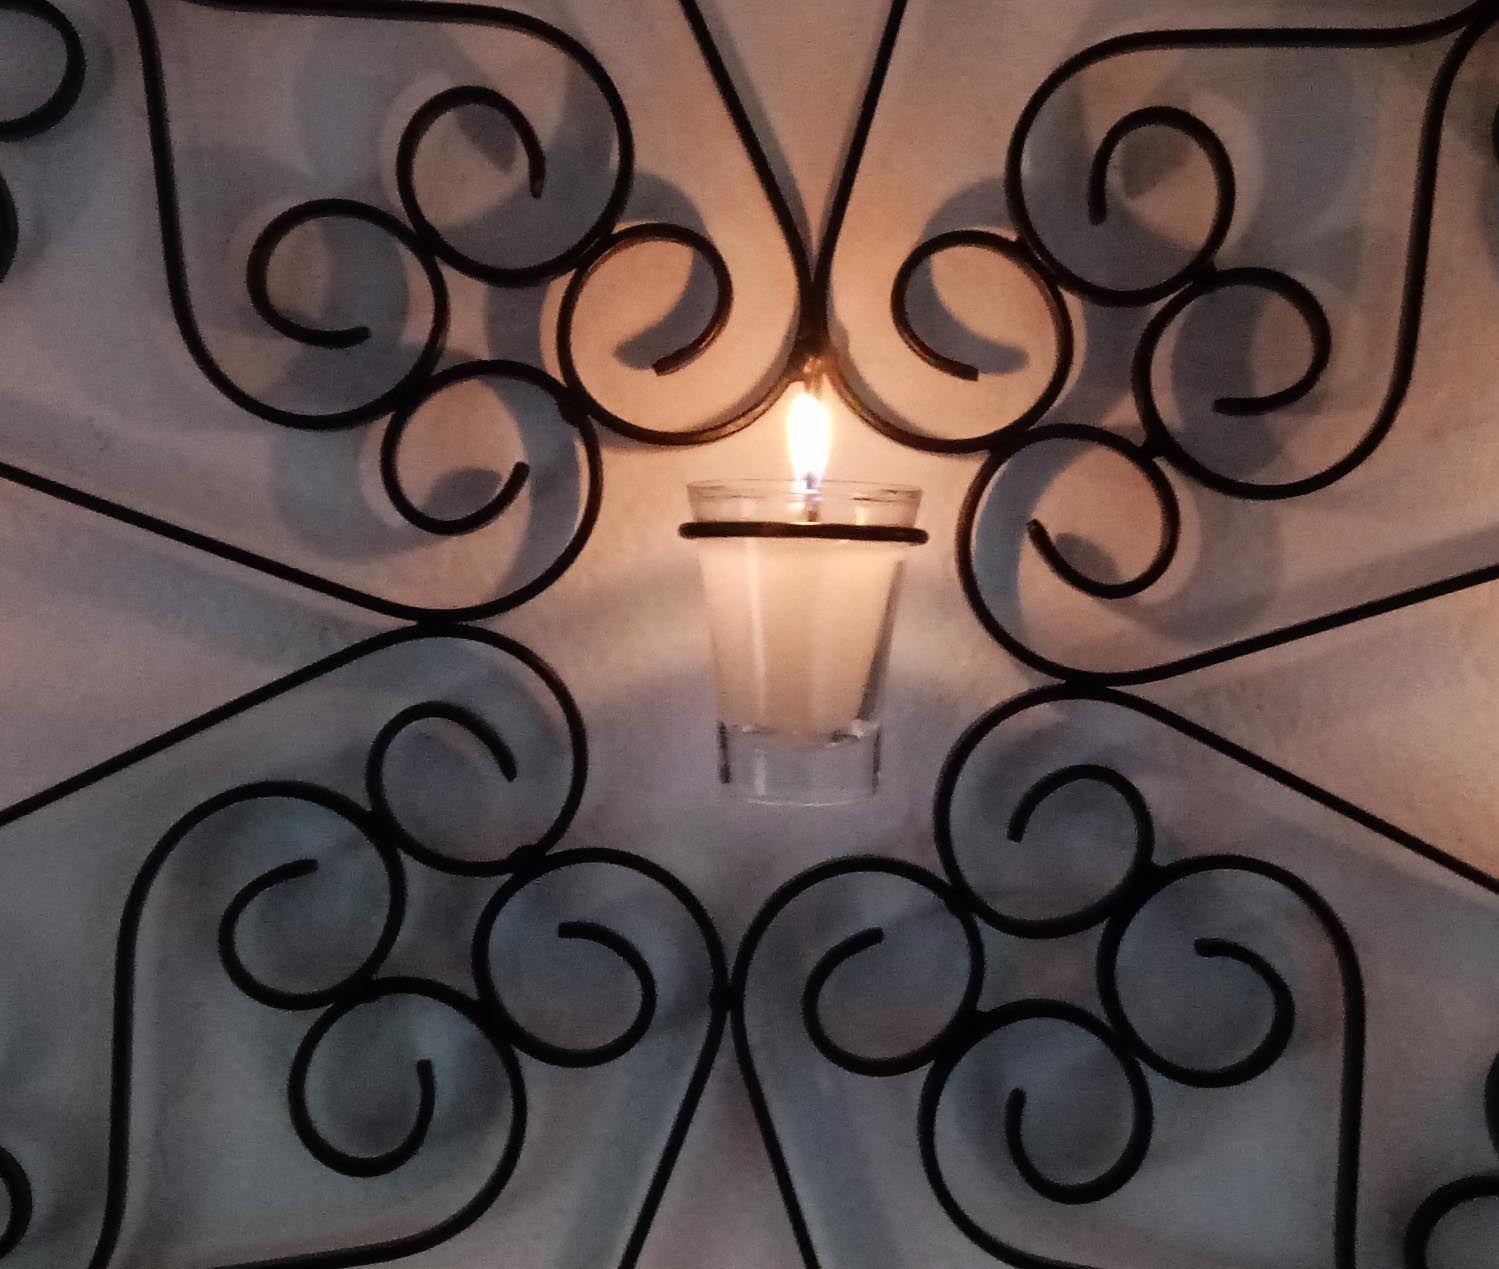 Mandala com Velas Suporte de Parede Rustico Decorativo Sala de Jantar